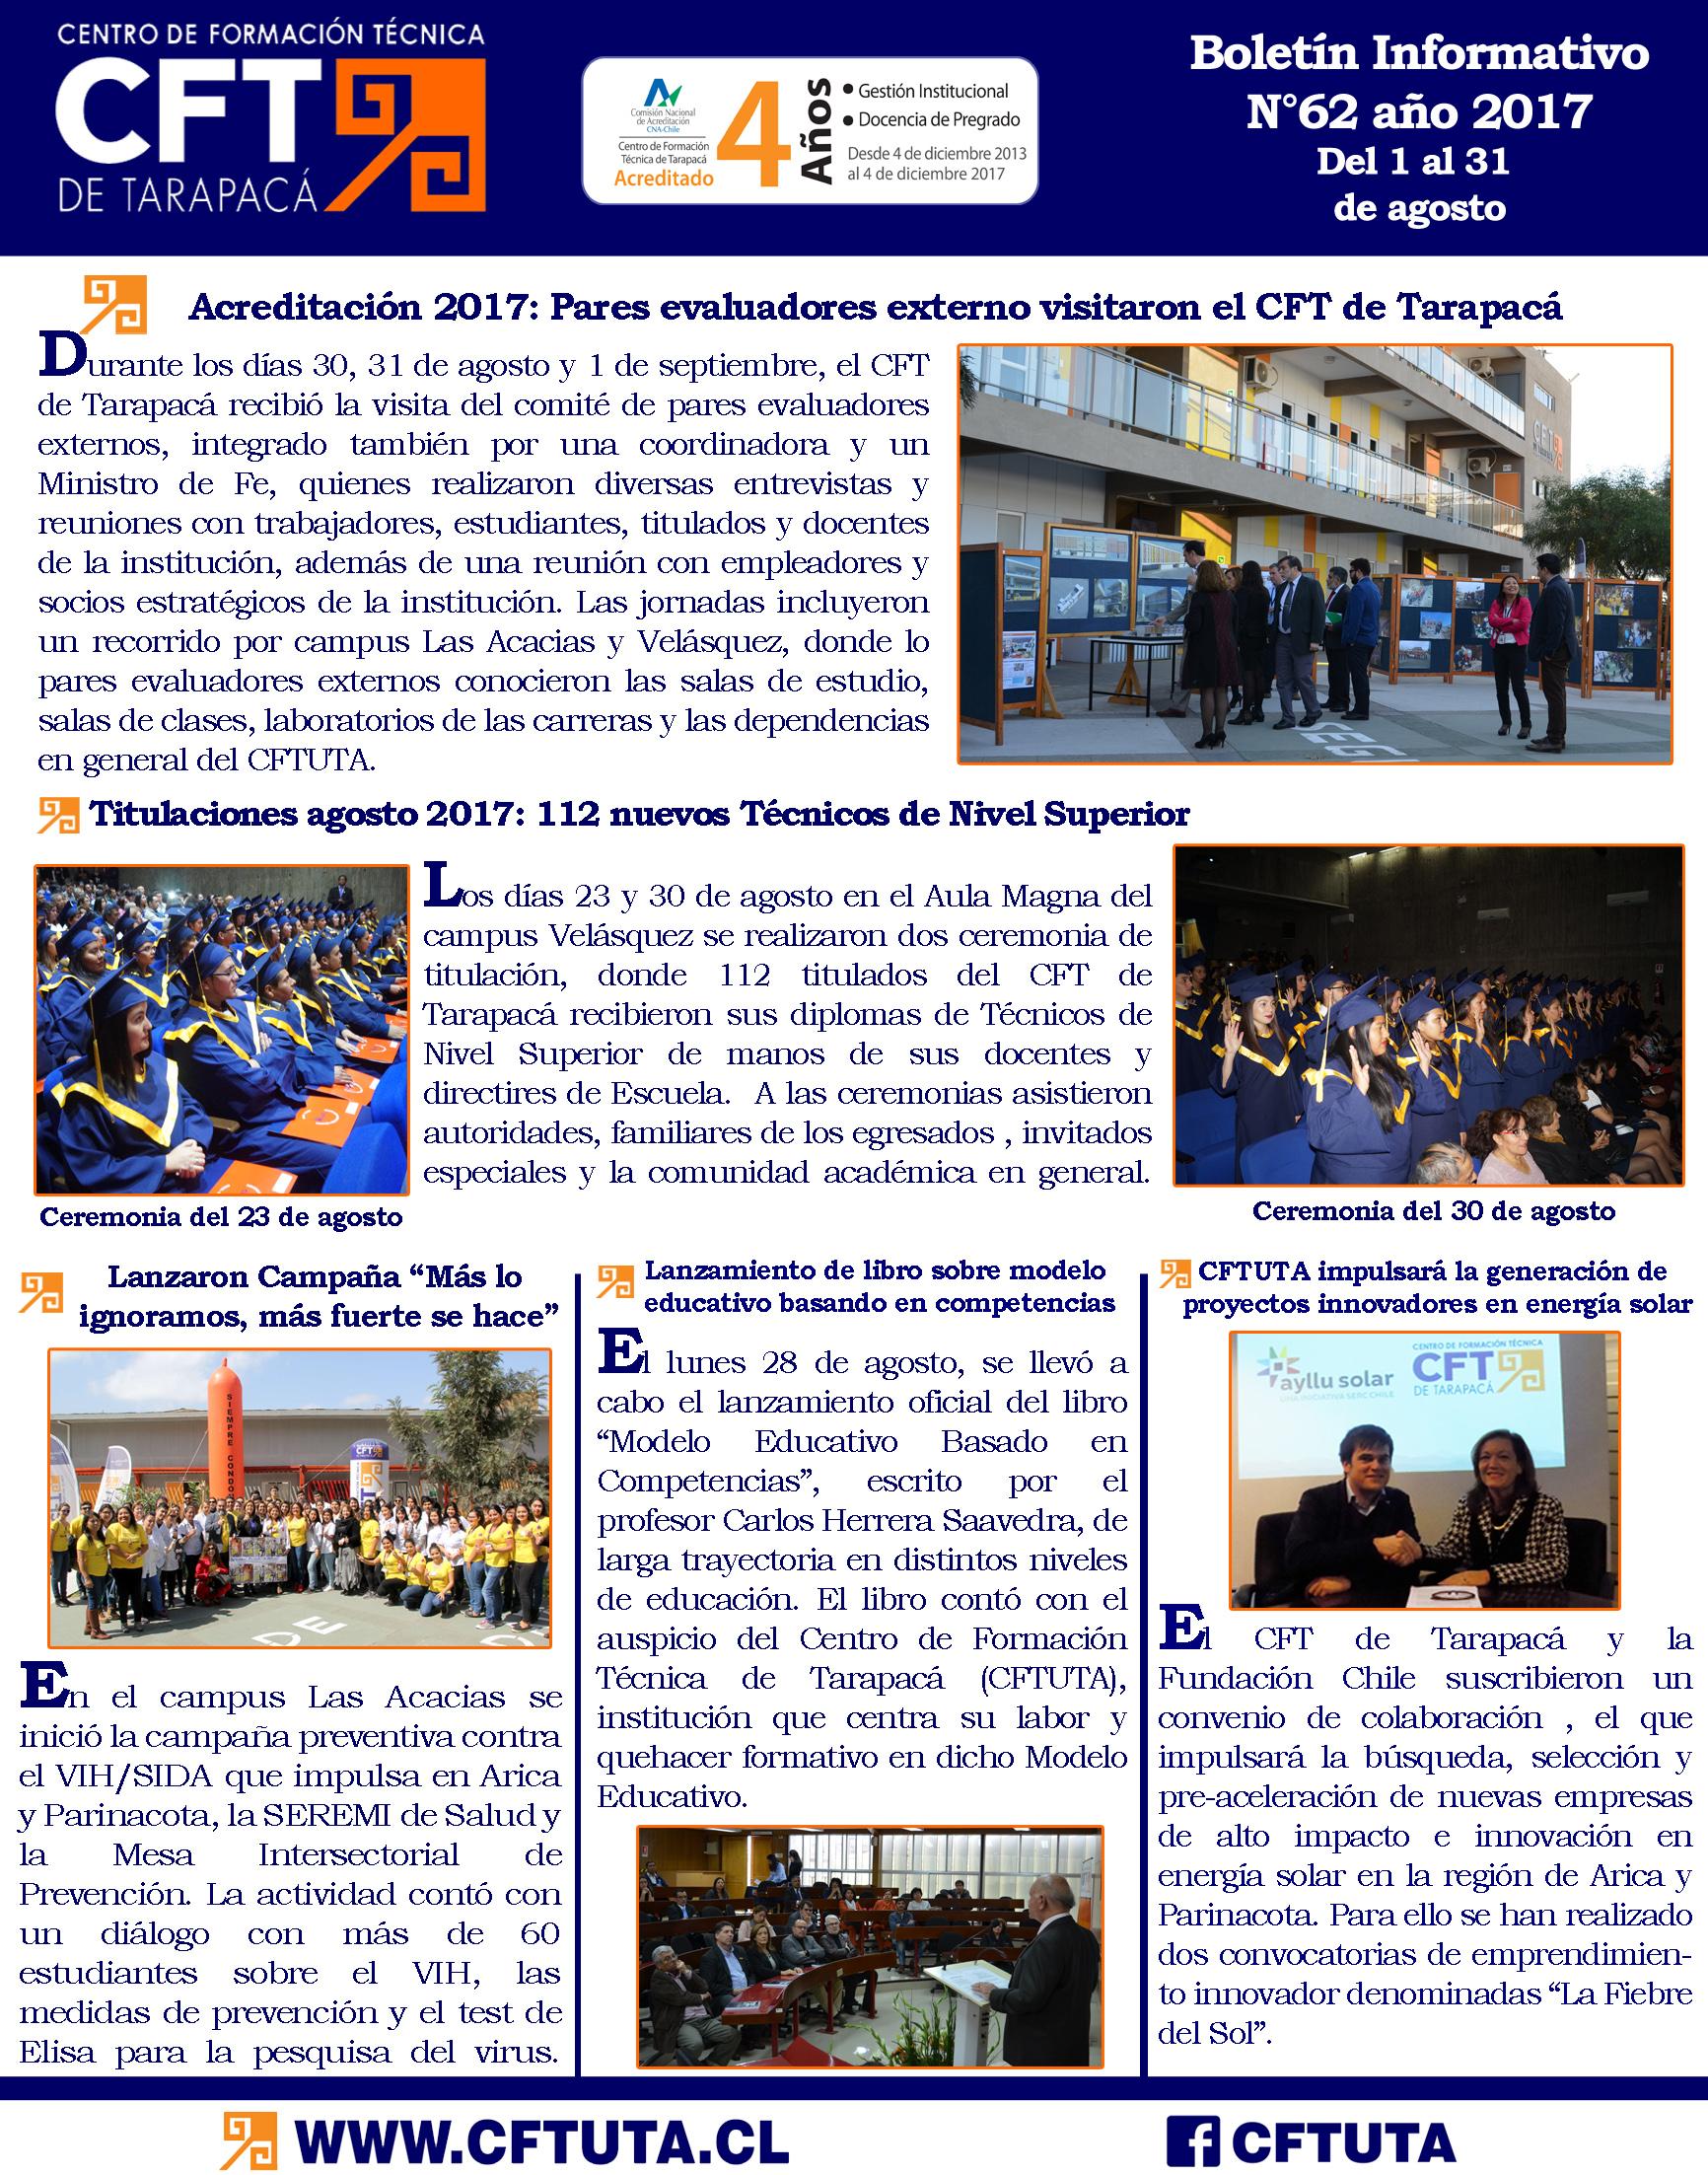 Boletín N°62 CFT de Tarapacá